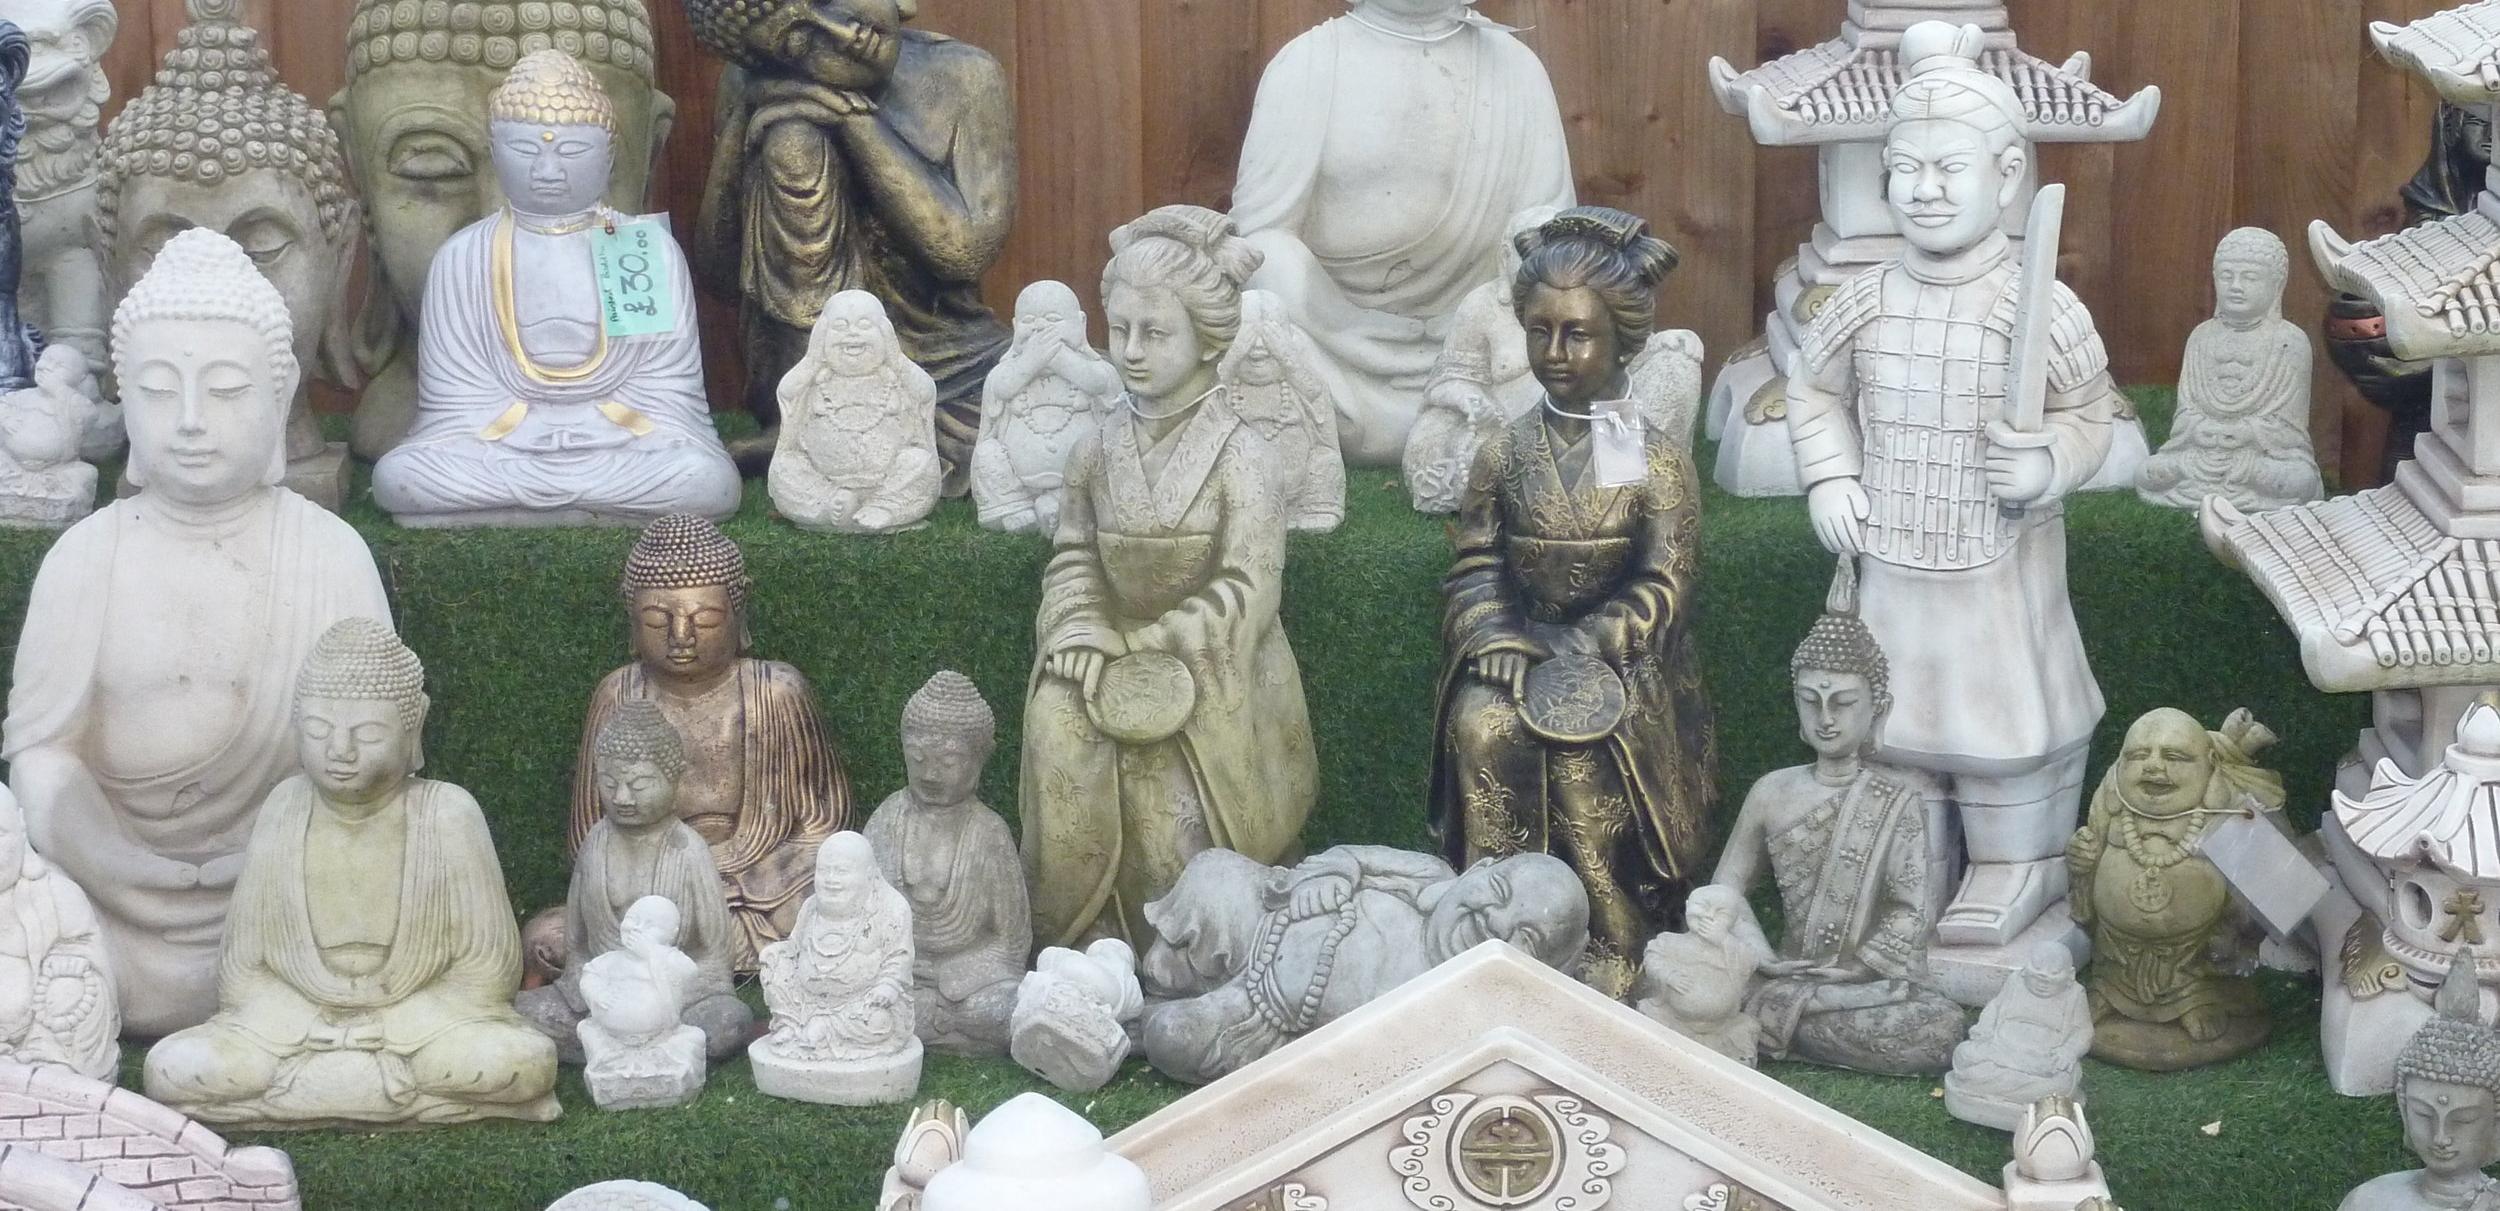 Cast In Stone garden ornaments Wendling Dereham oriental buddha